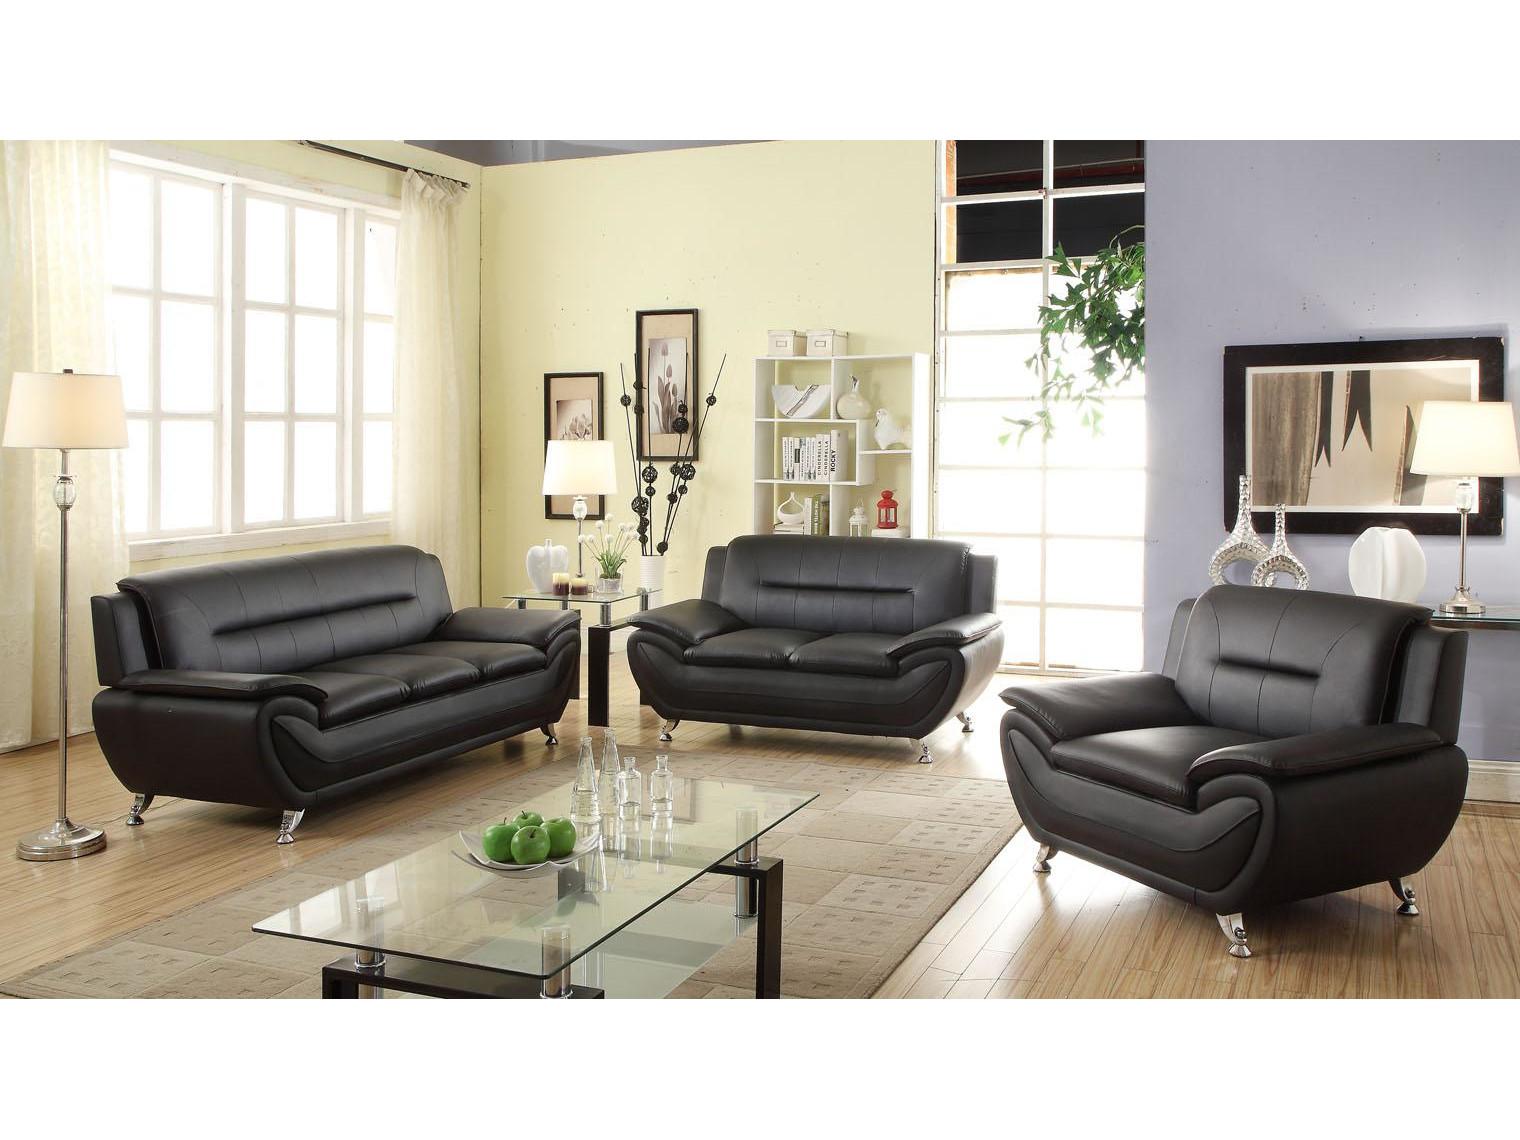 21138 – Sofa Set – MEGA-3350 – Black